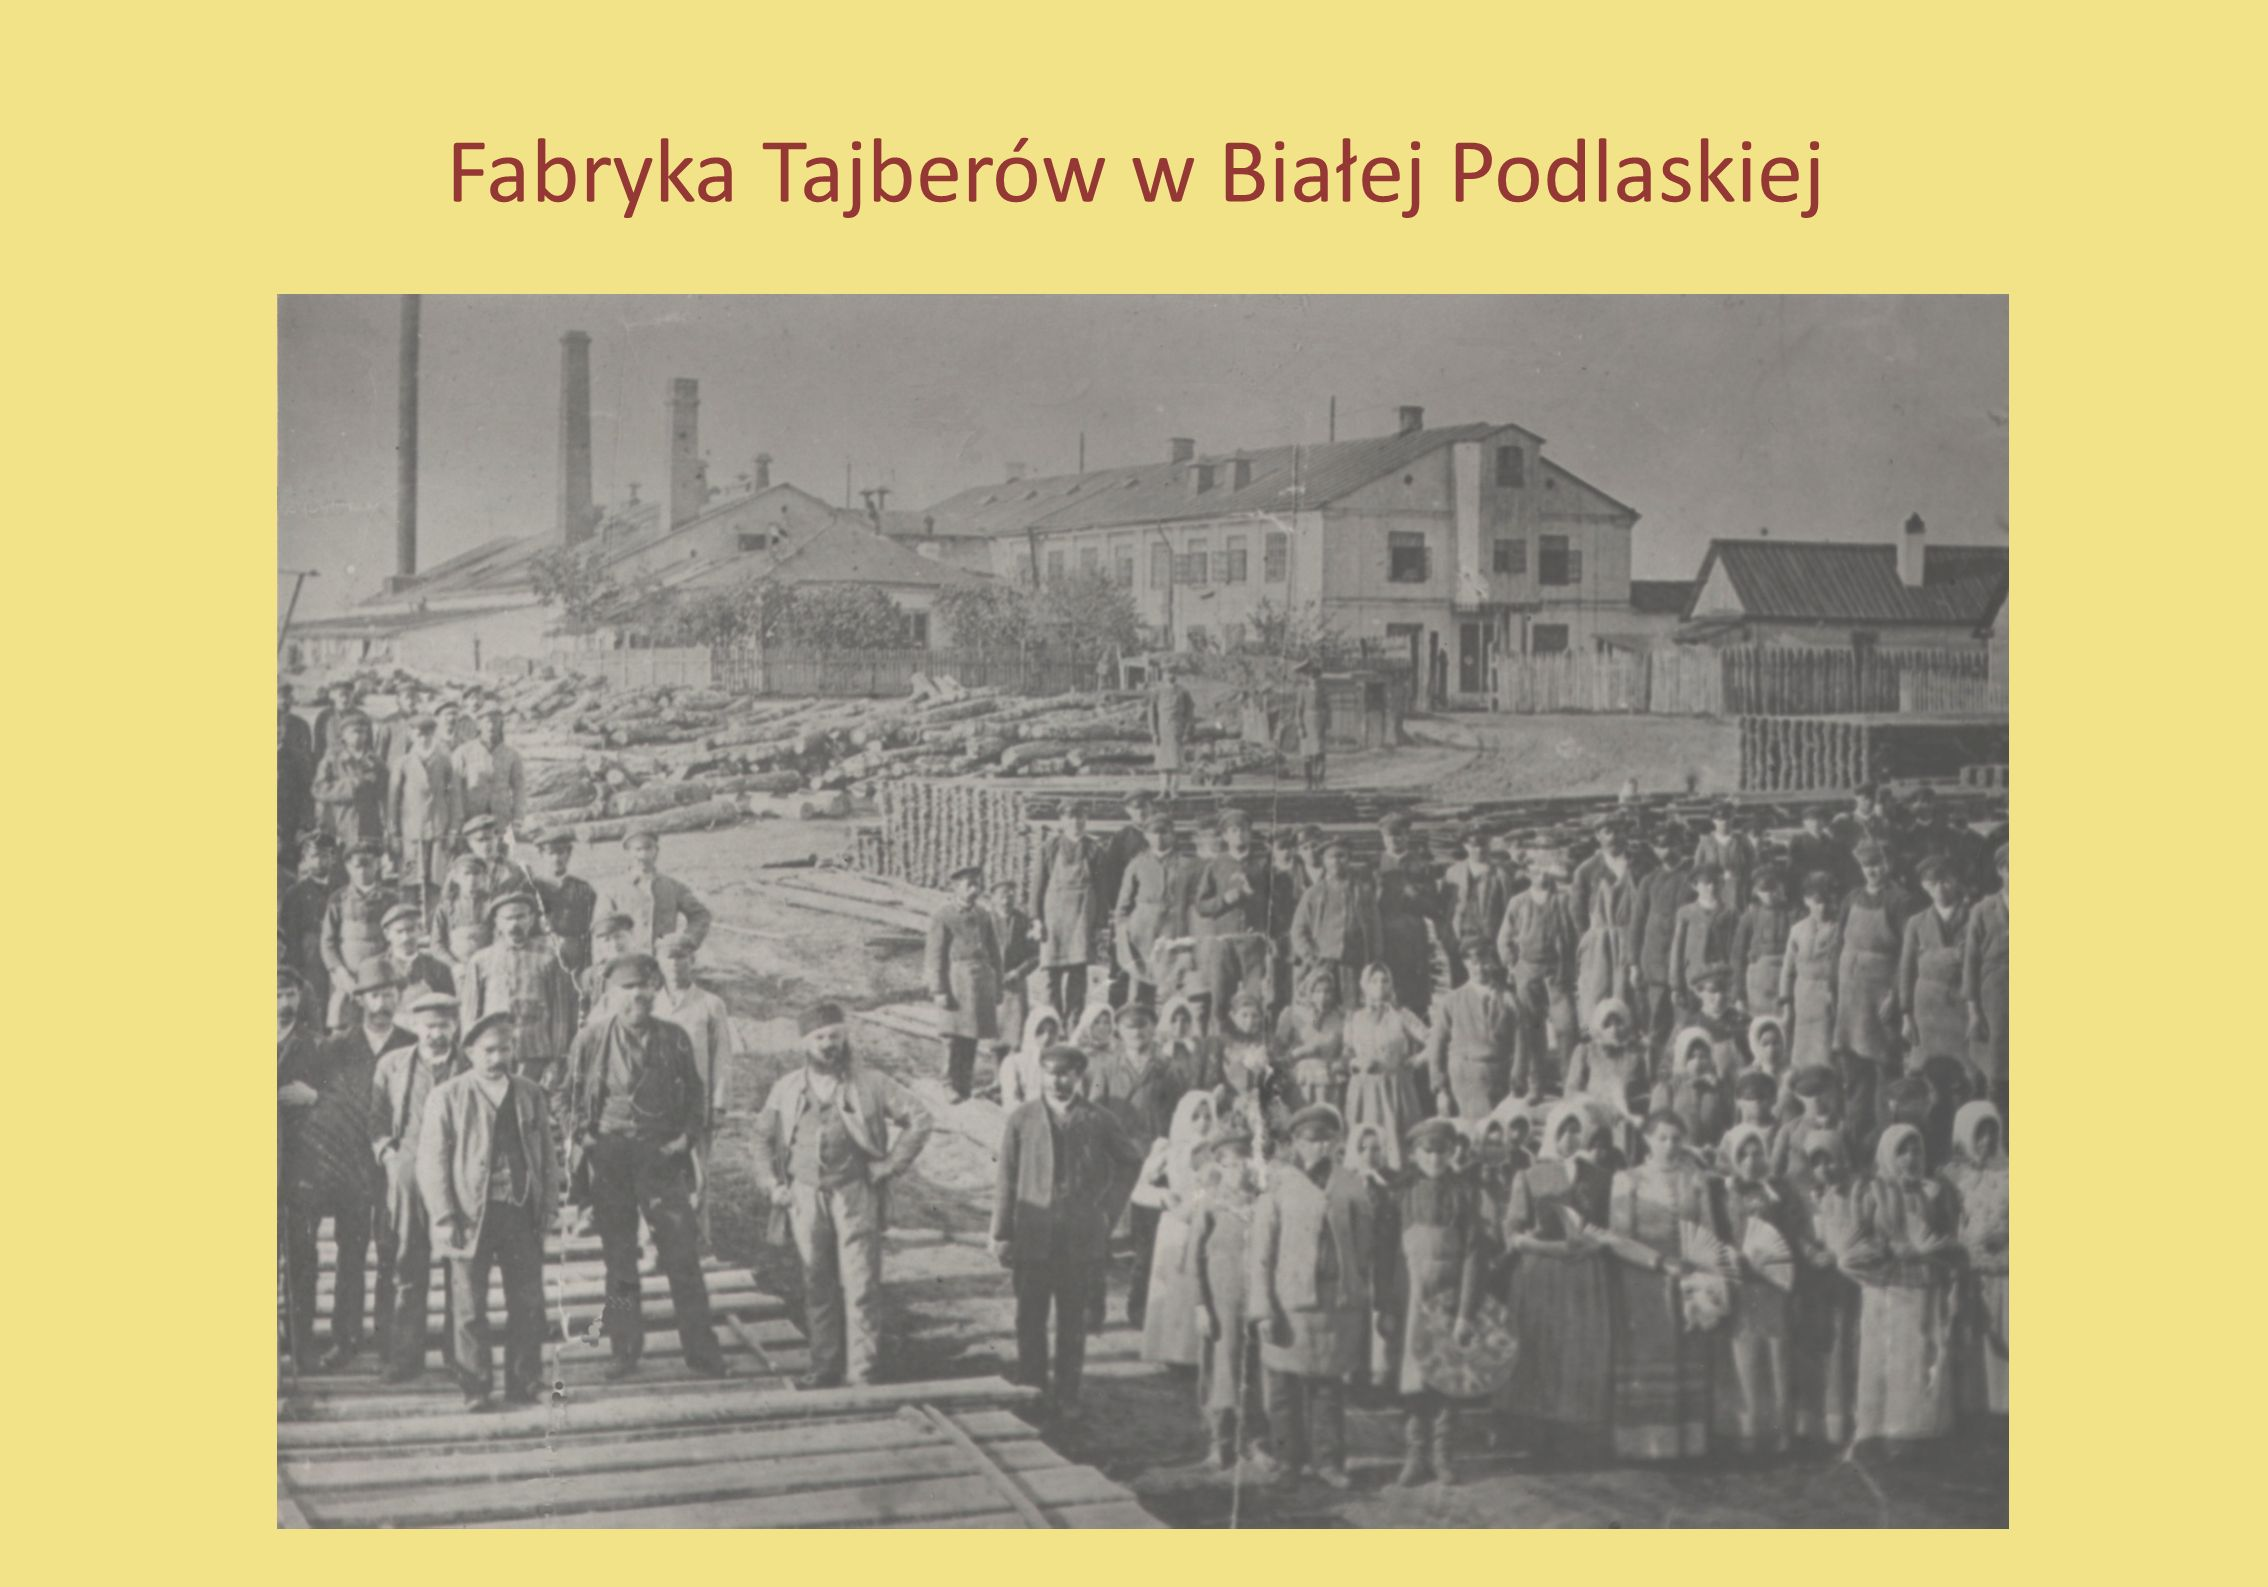 Okres żytomierski (1895-1920) /1/ Rok 1895 – migracja Tajberów do Żytomierza.